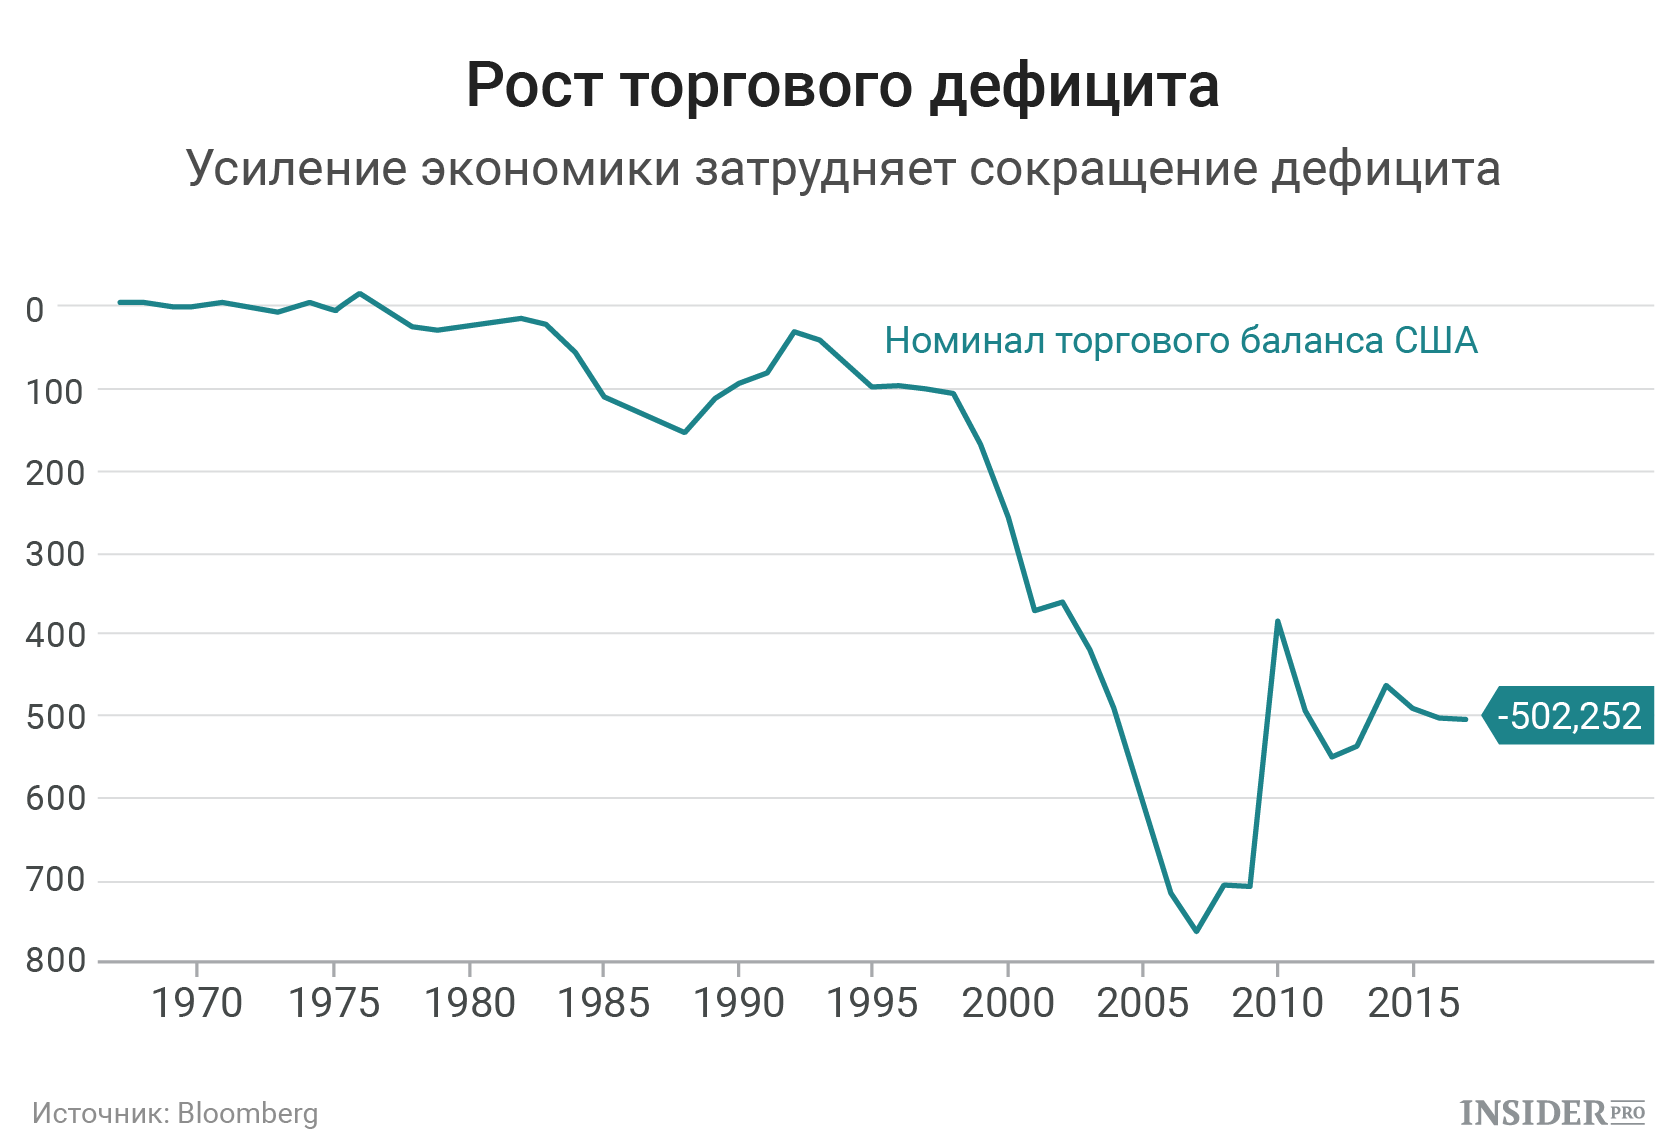 Рост торгового дефицита